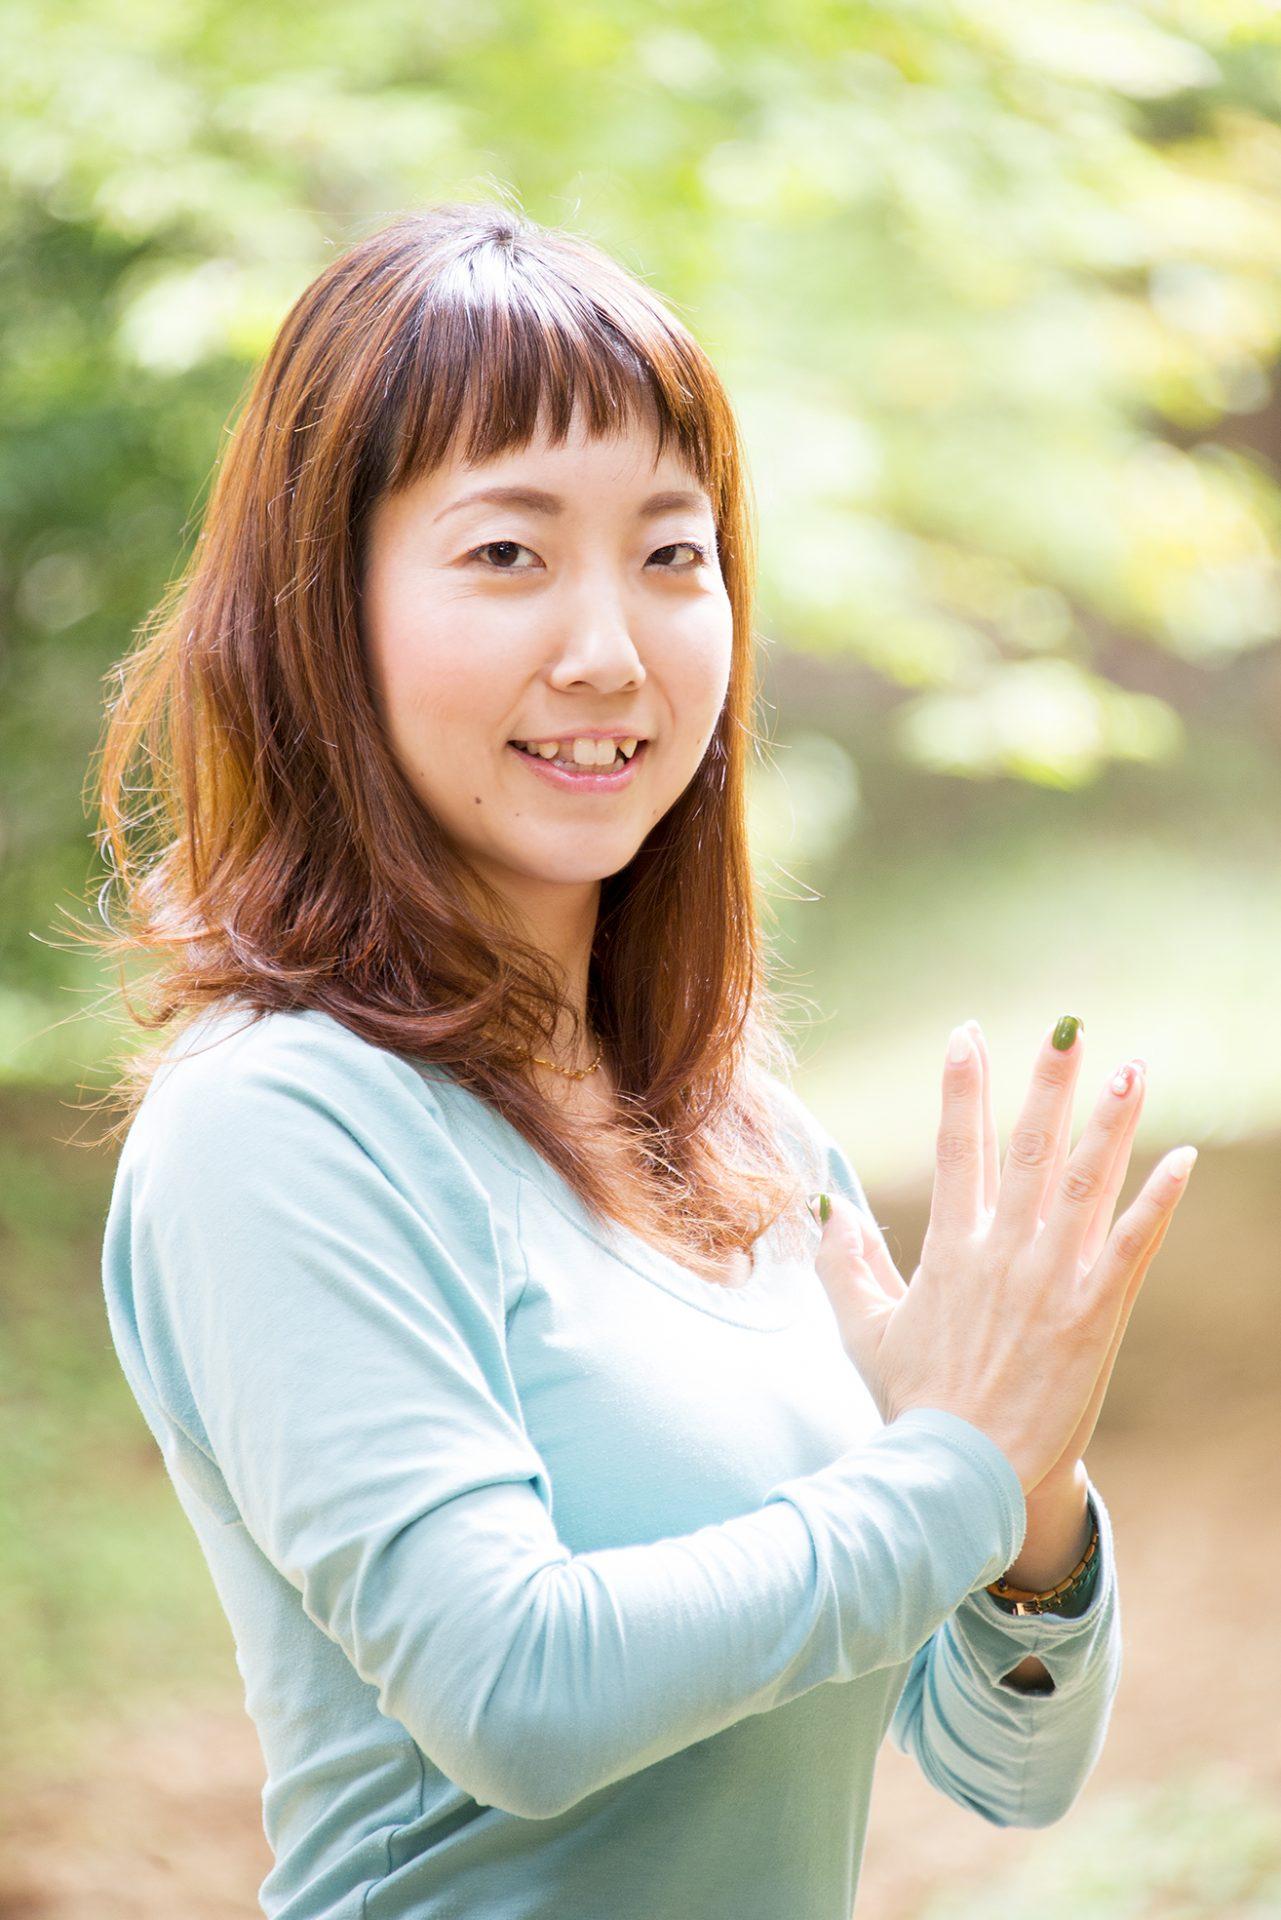 ヨーガスタジオココカラ北九州水島知乃歩プロフィール水島知乃歩プロフィール2